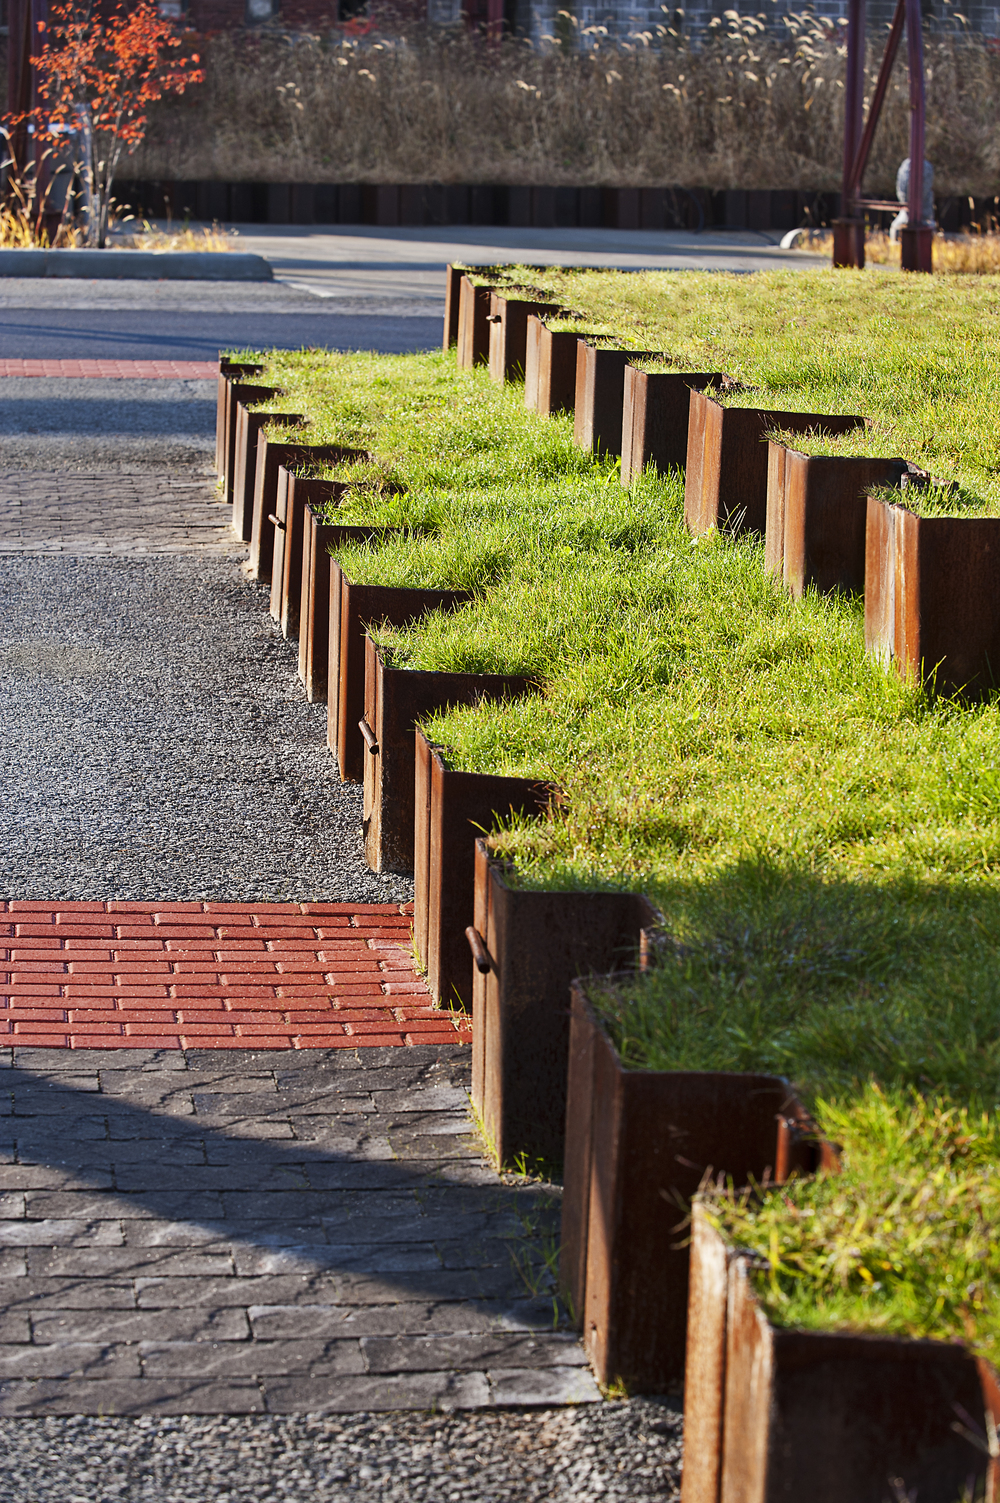 Rester av spuntplater refunksjonert som støttemur, The Steel Yard, Providence, USA  Hentet fra: http://www.asla.org/2011awards/183.html , Christian Phillips Photography